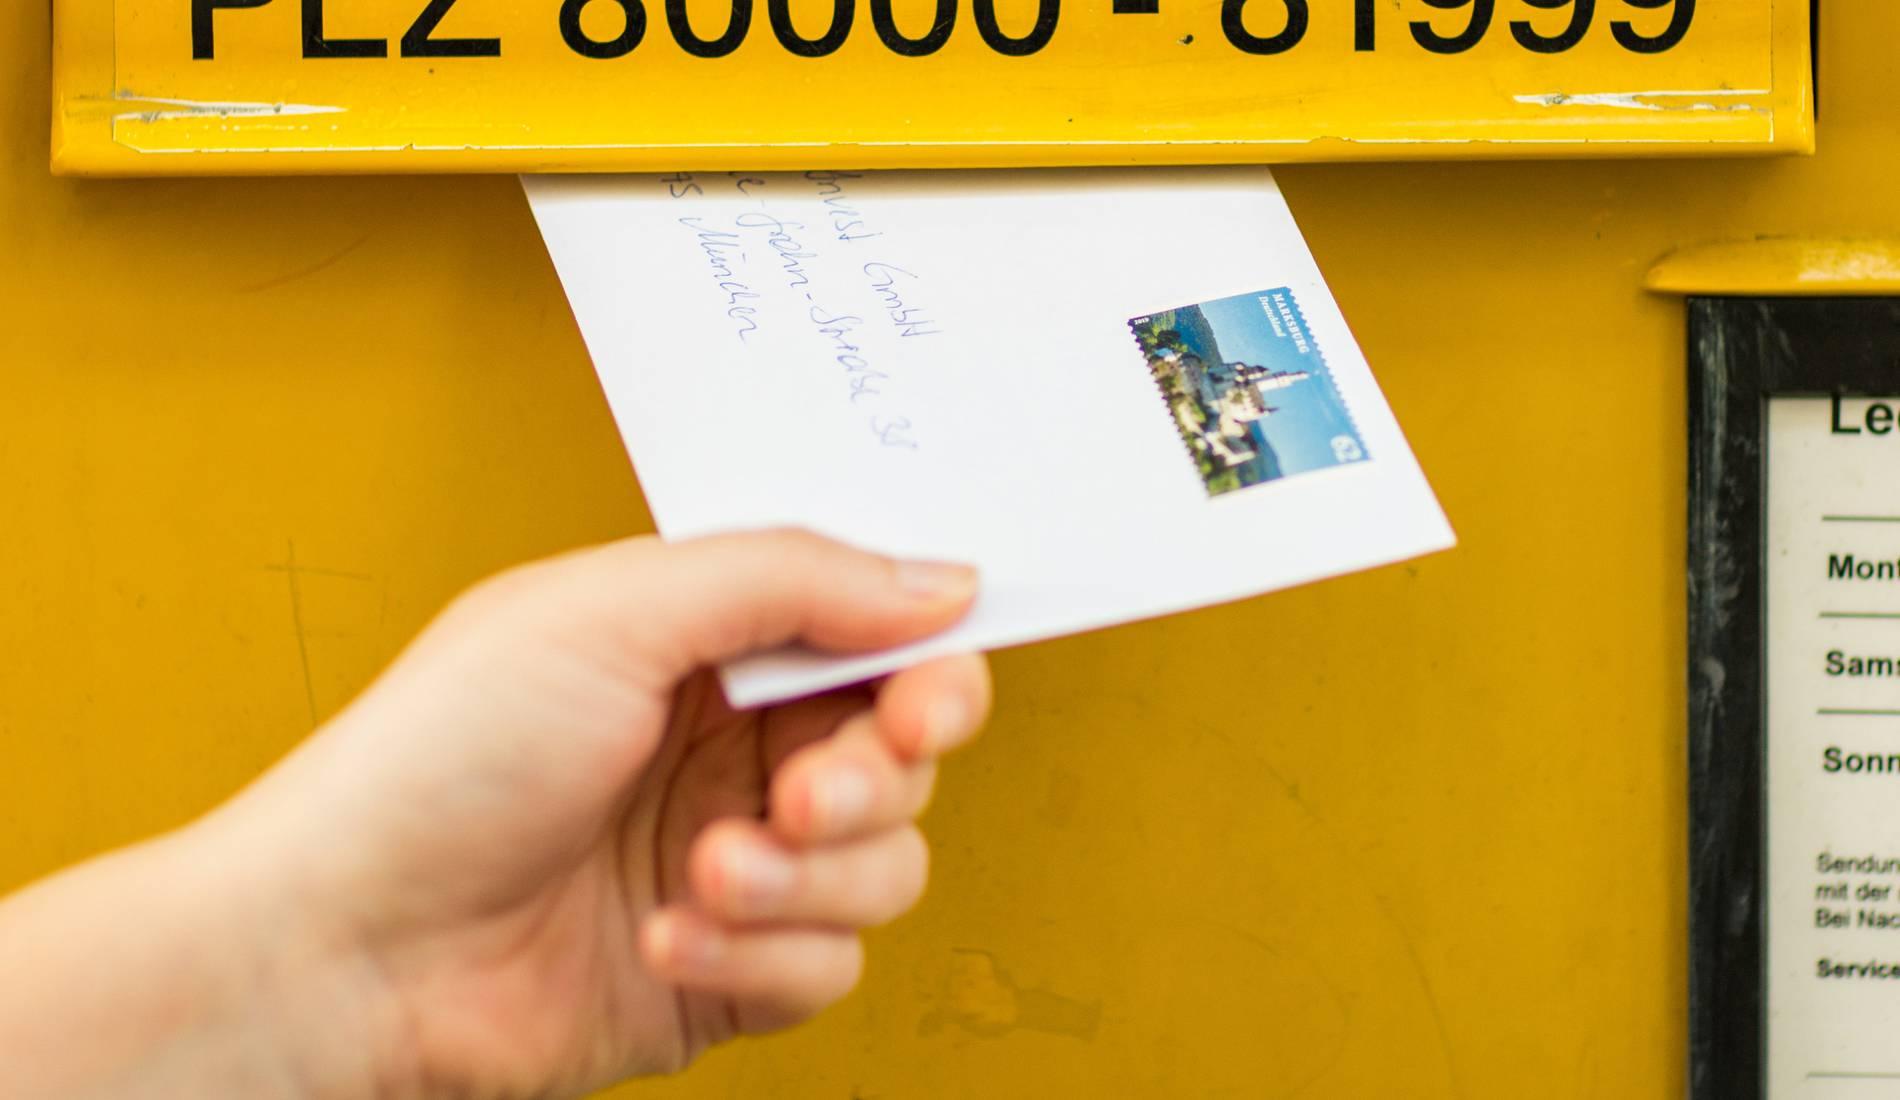 Briefporto Erhöhung 2019 Darum Darf Die Post Das Porto Stark Erhöhen